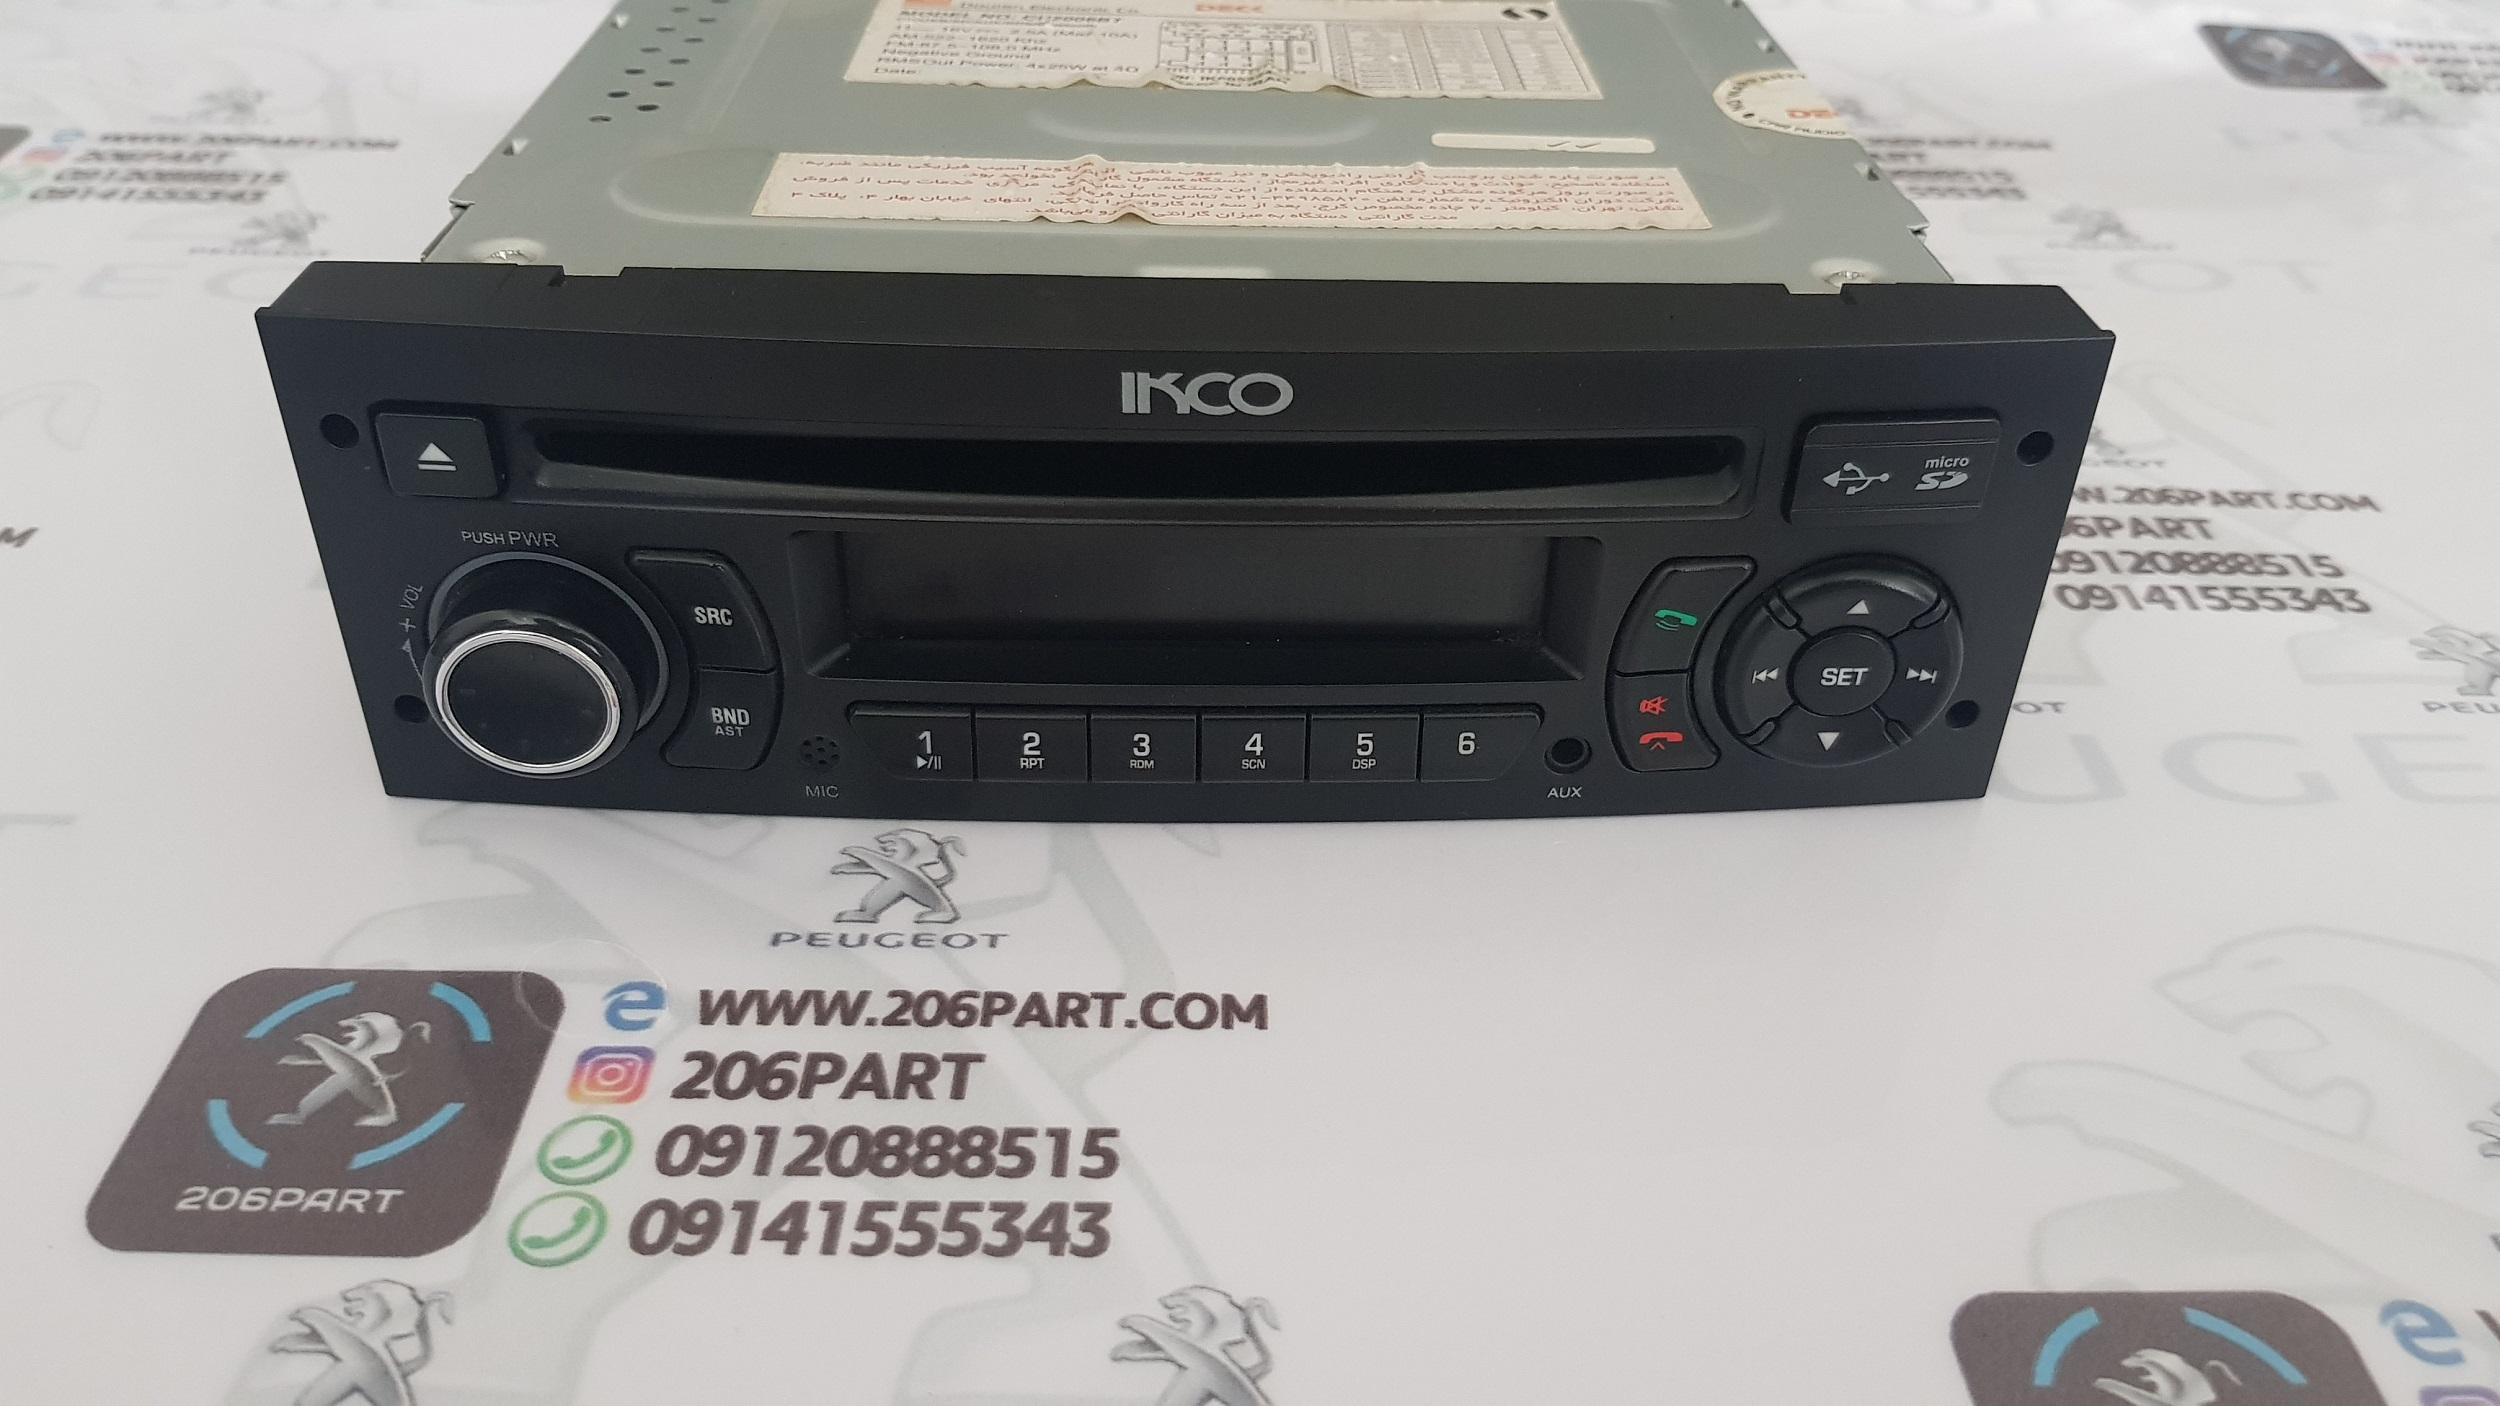 ضبط فابریک 206 بلوتوث دار/ صفحه نمایش دار (92به بعد) – استوک در حد نو